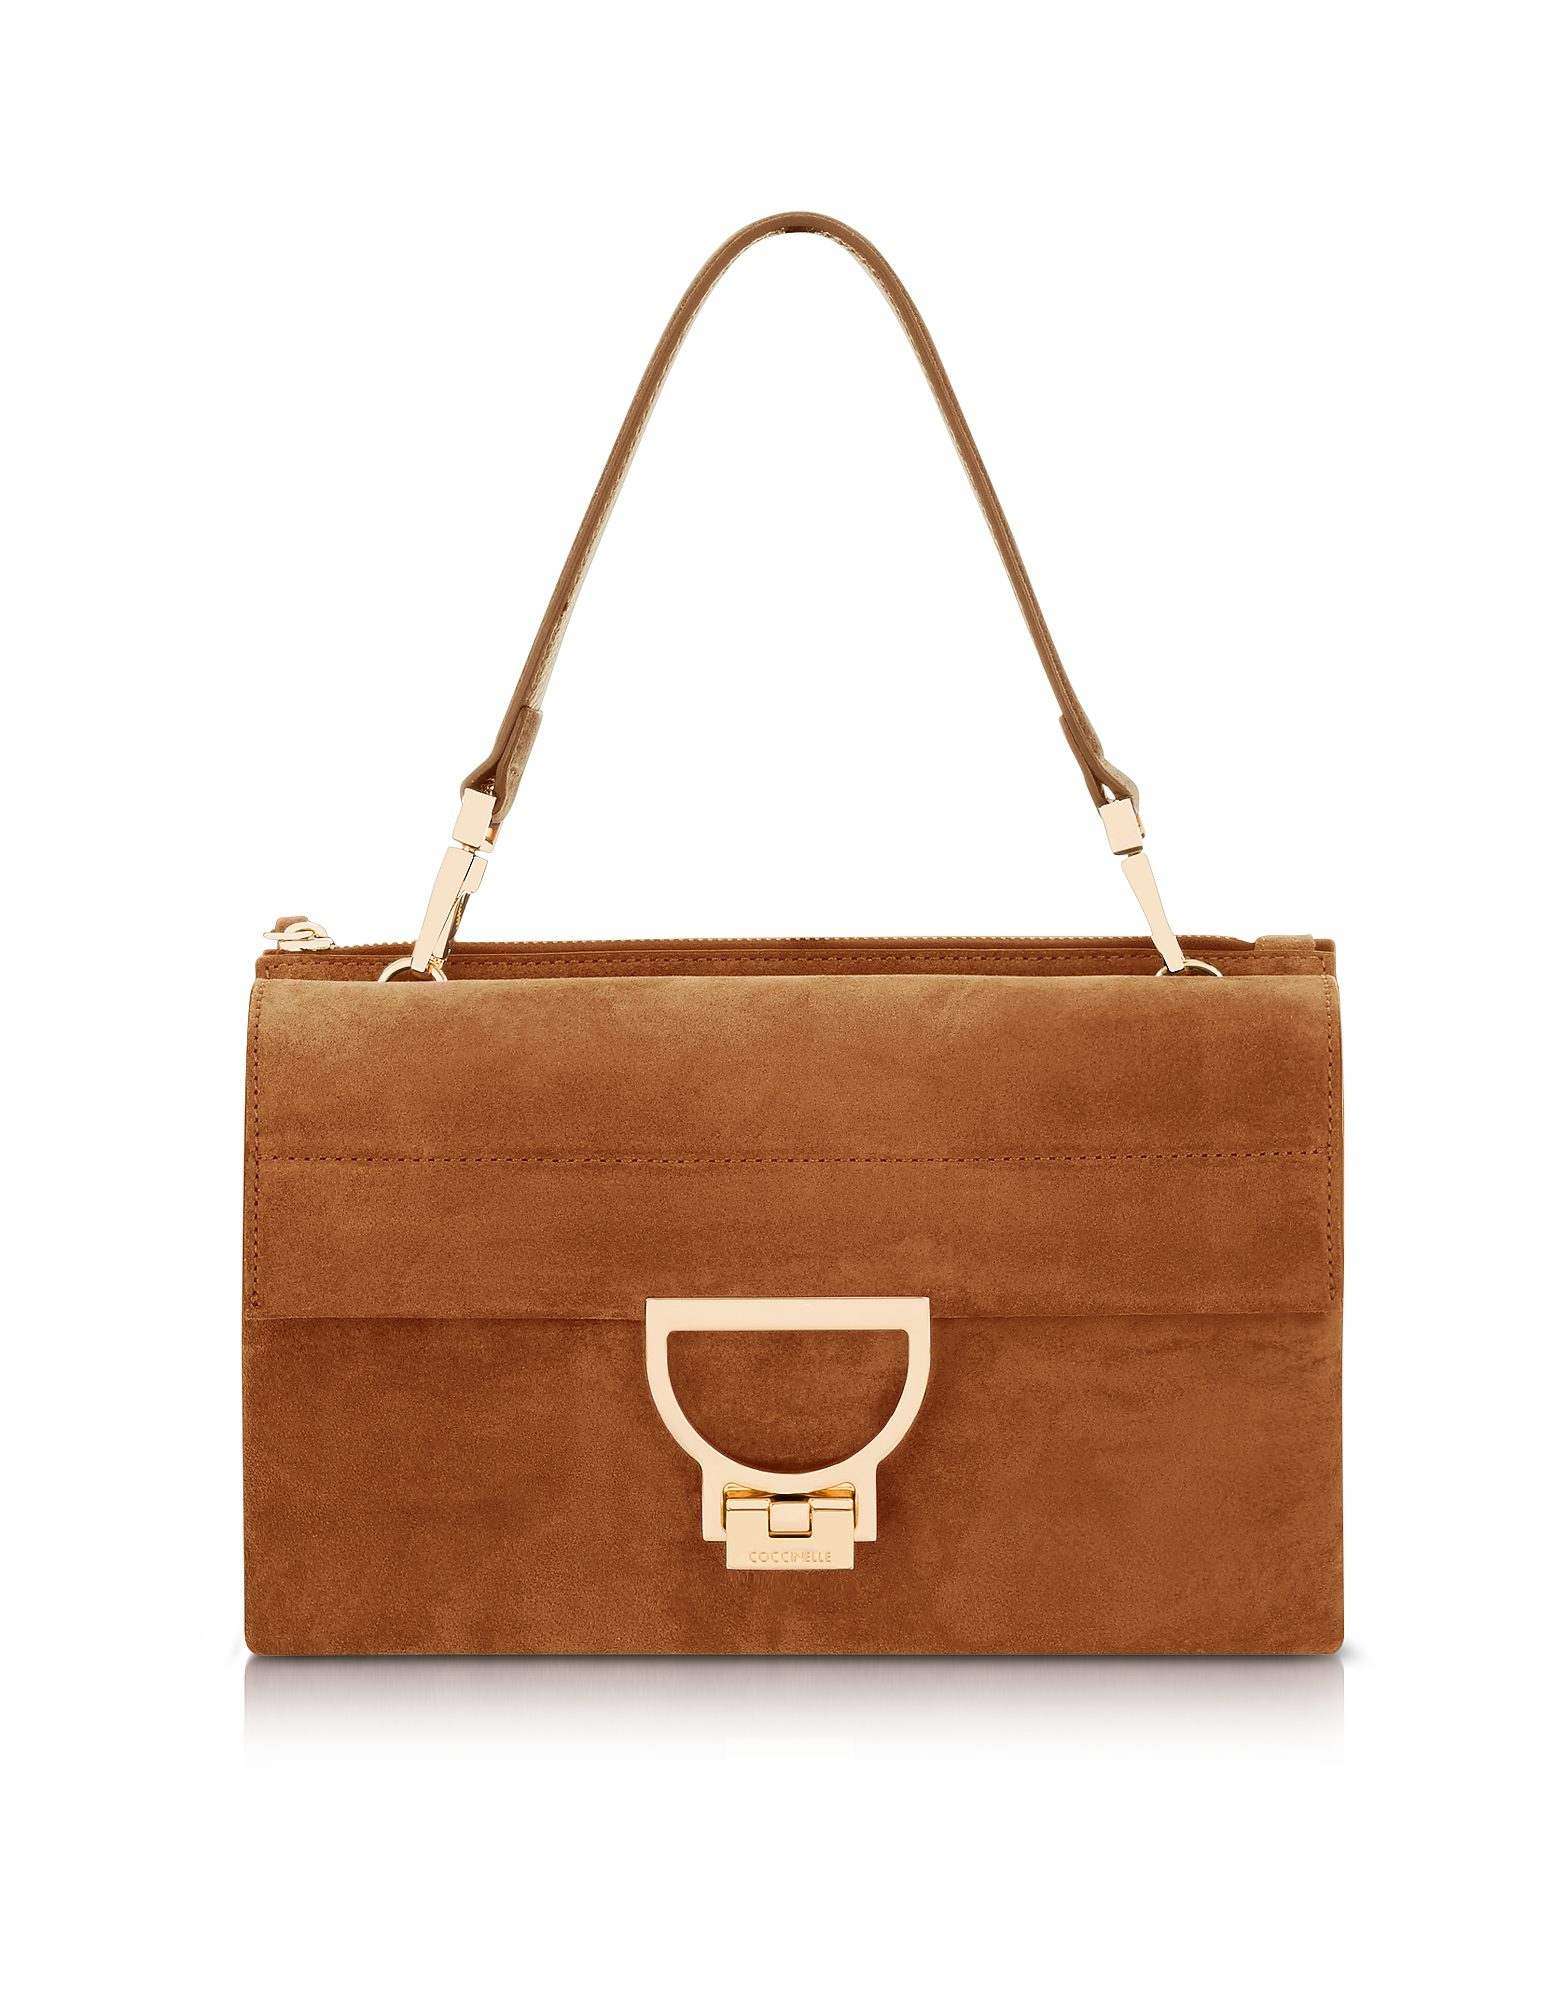 Coccinelle Handbags, Brule Suede Arlettis Shoulder Bag